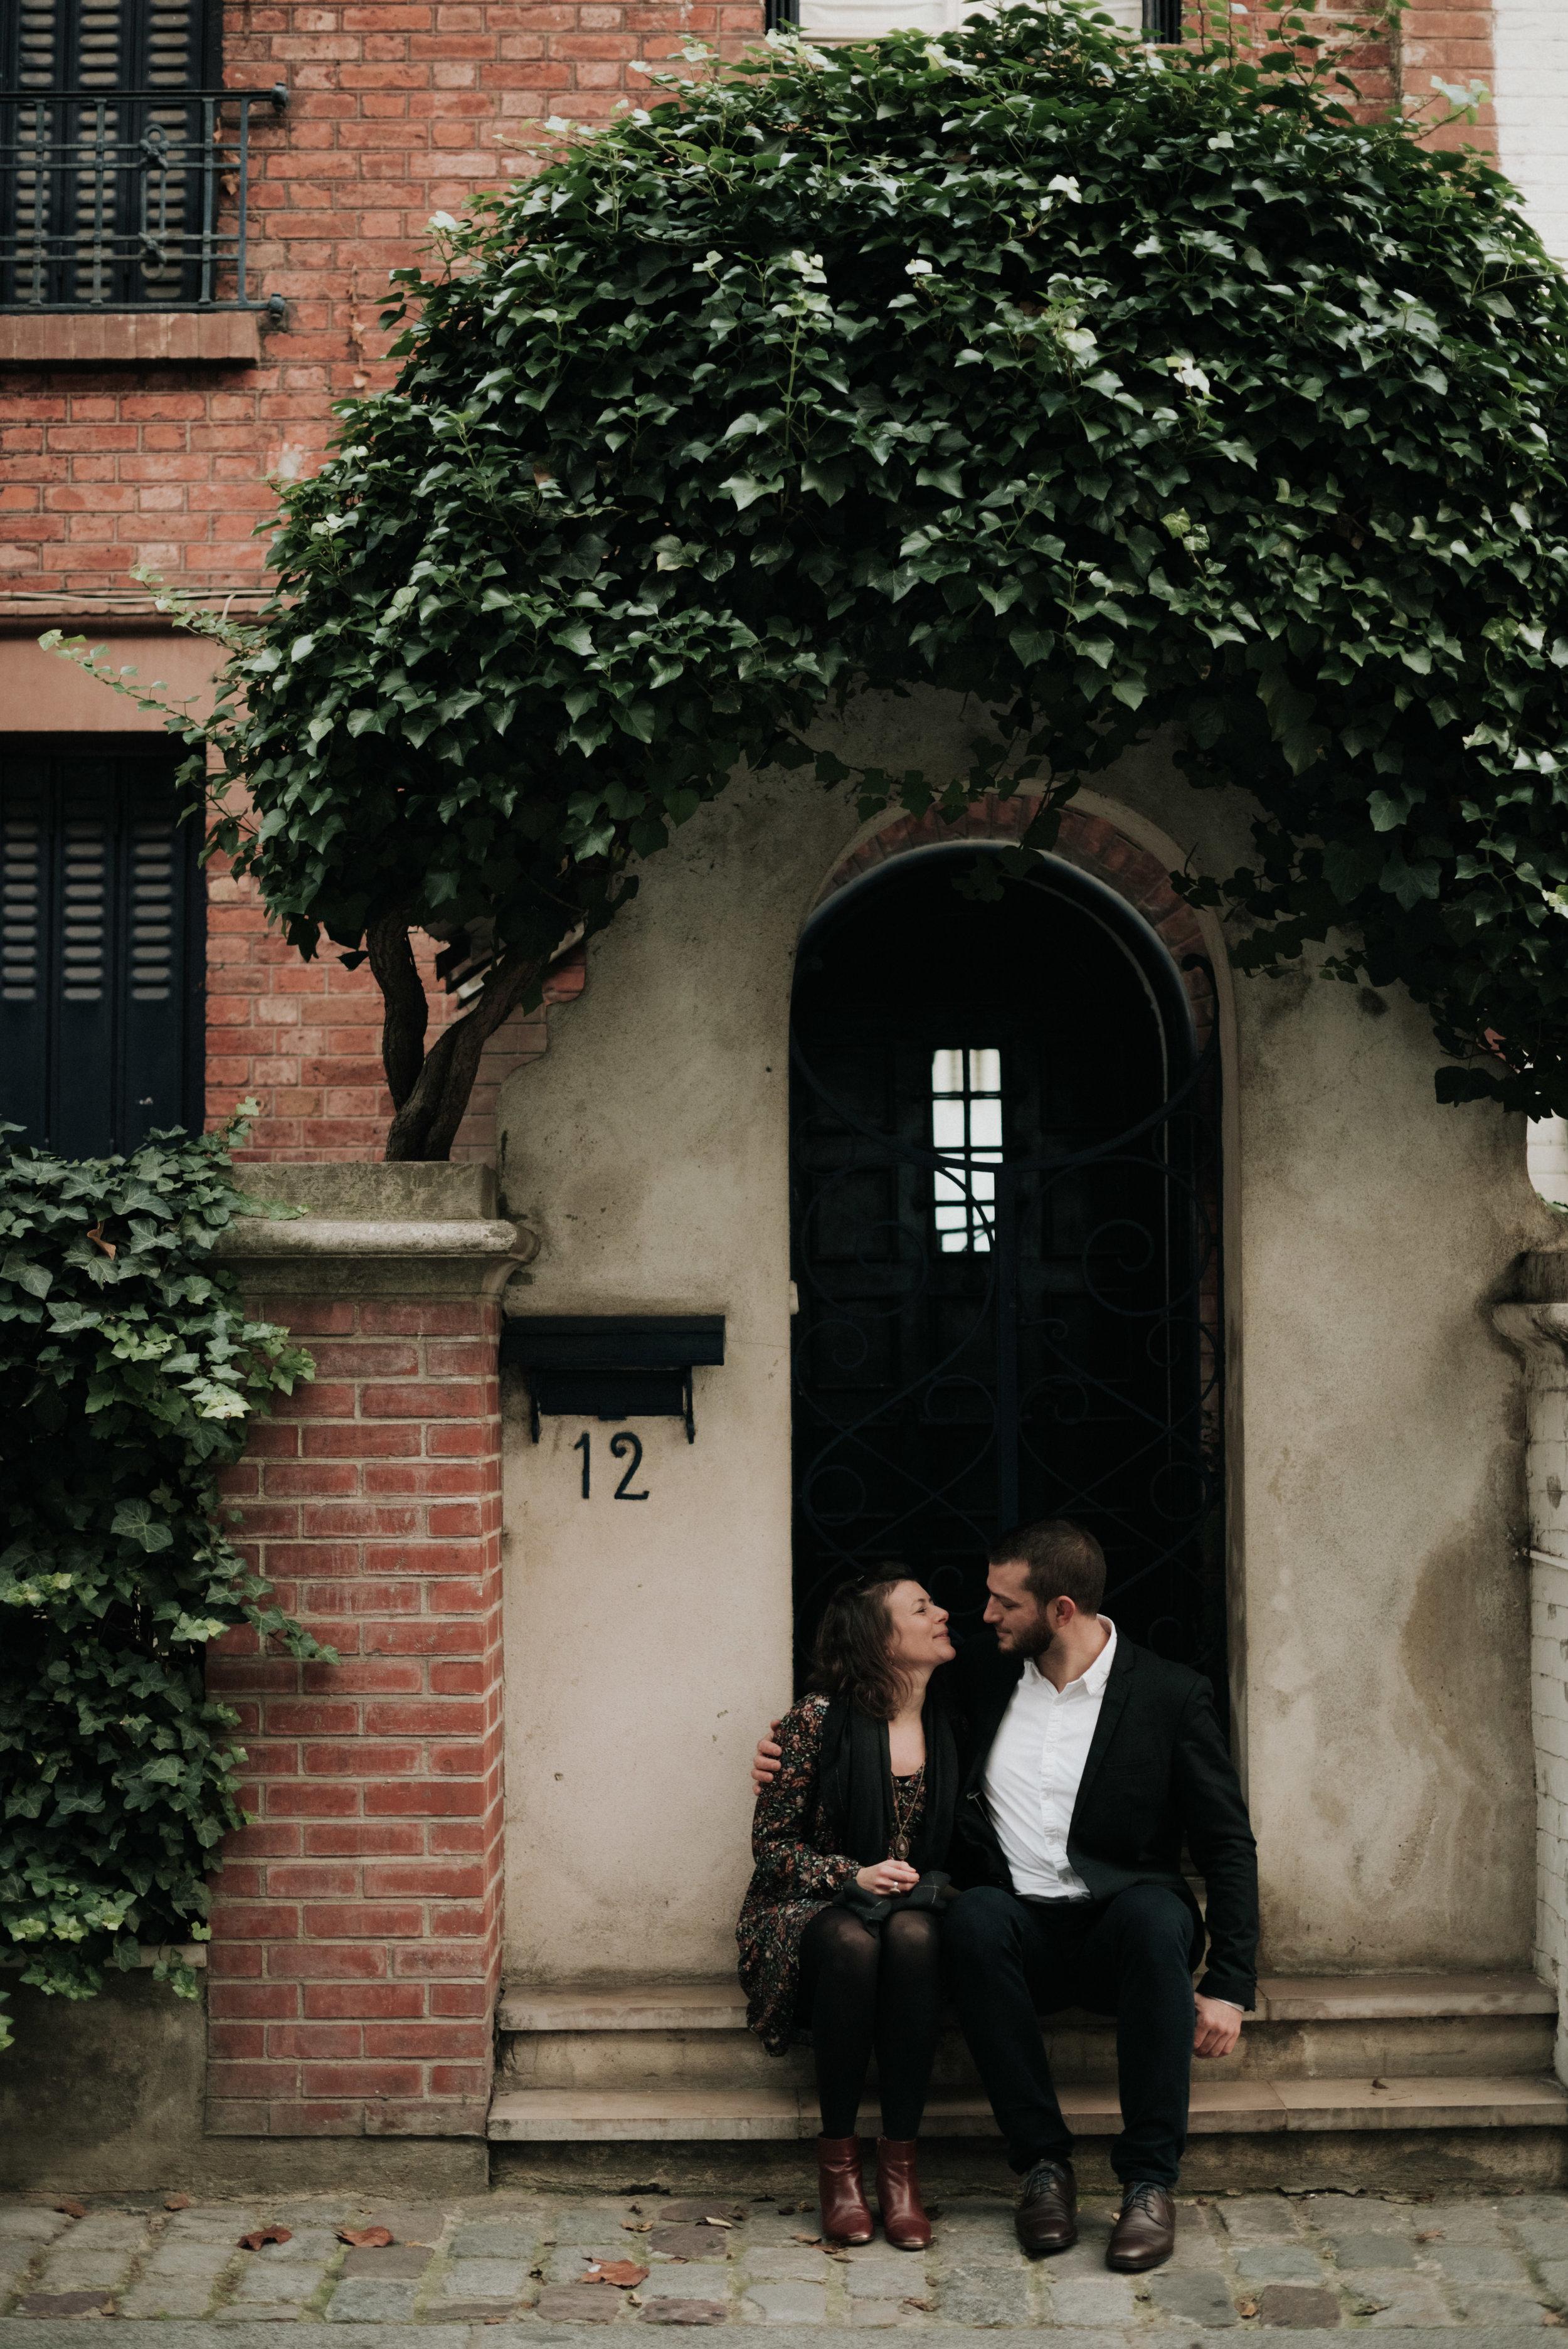 Léa-Fery-photographe-professionnel-lyon-rhone-alpes-portrait-creation-mariage-evenement-evenementiel-famille-5256.jpg